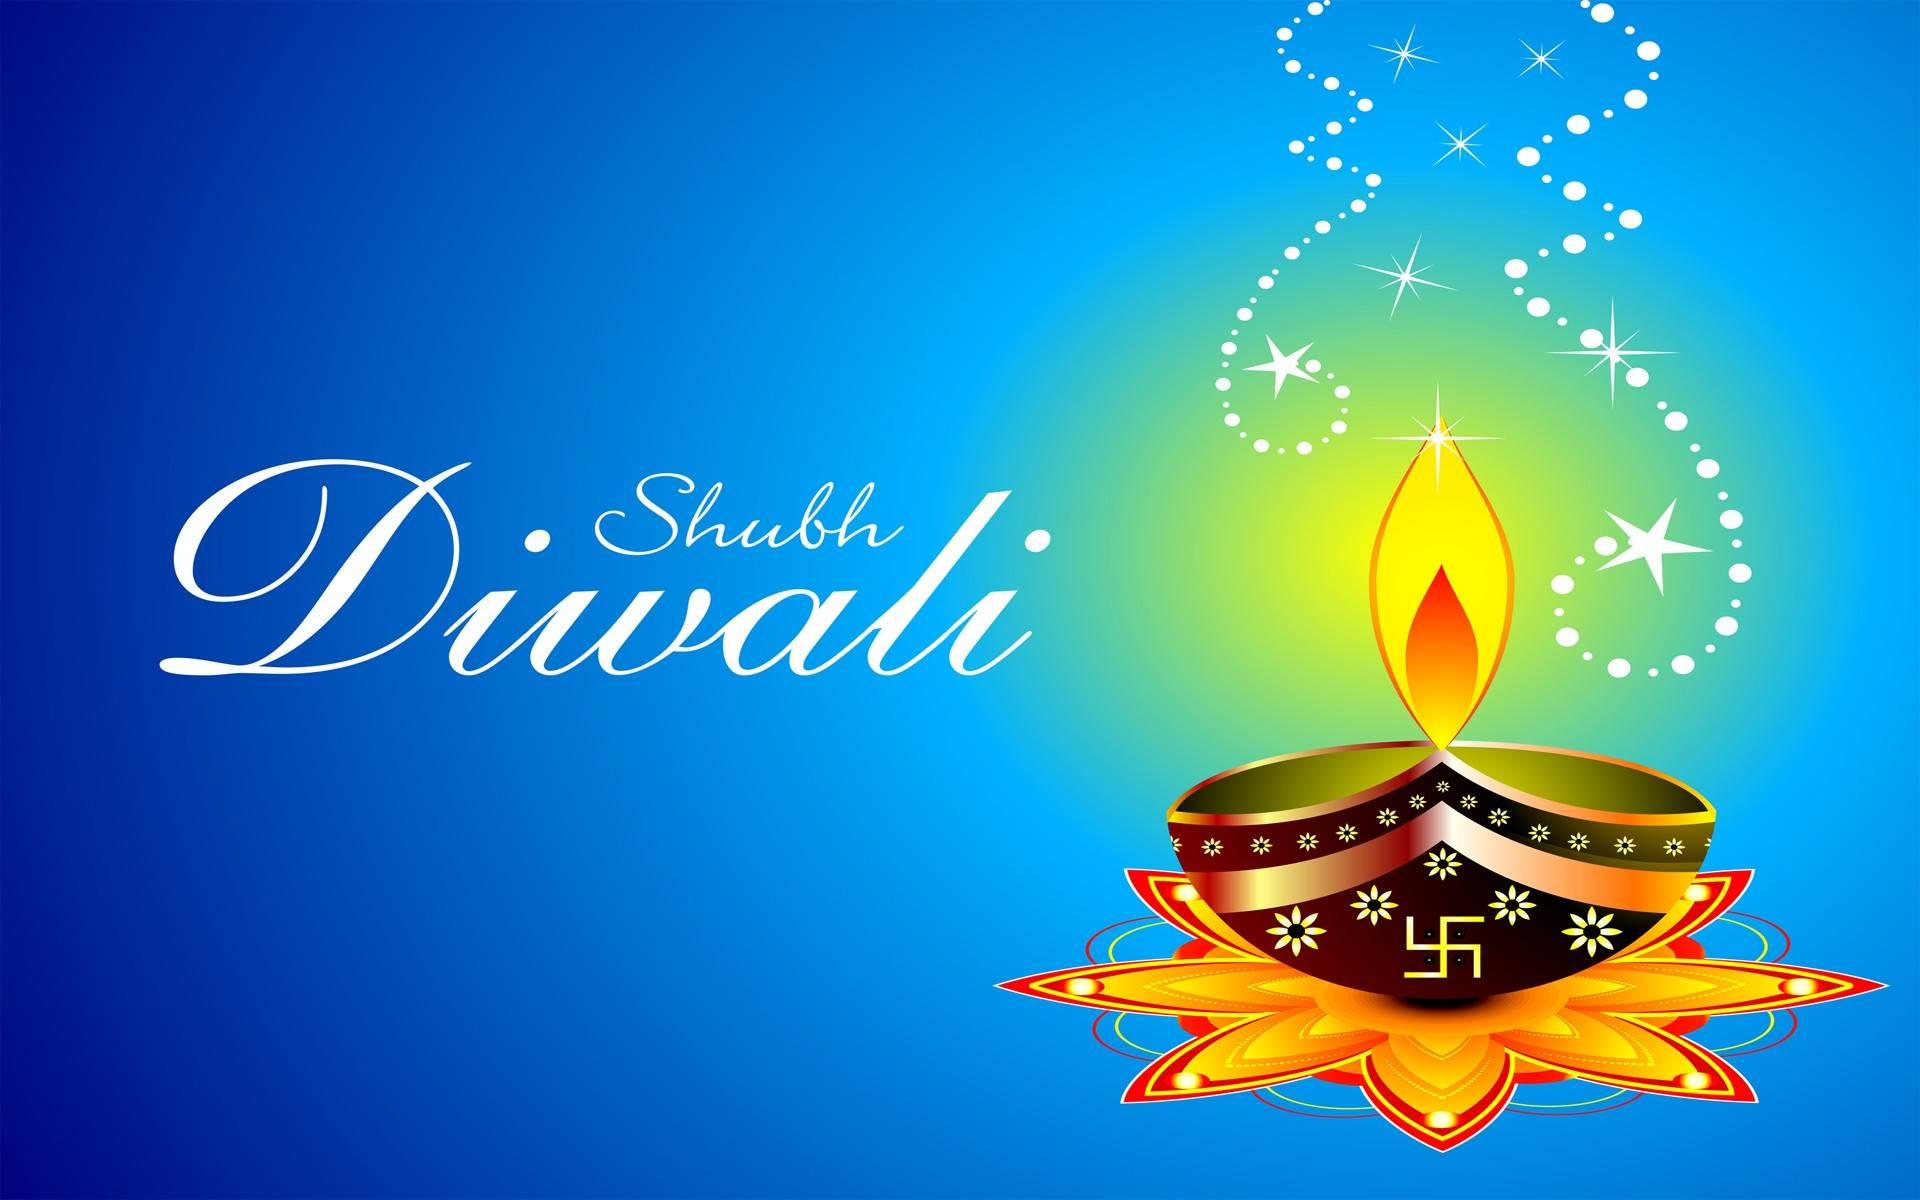 Choti Diwali Pictures Free Download